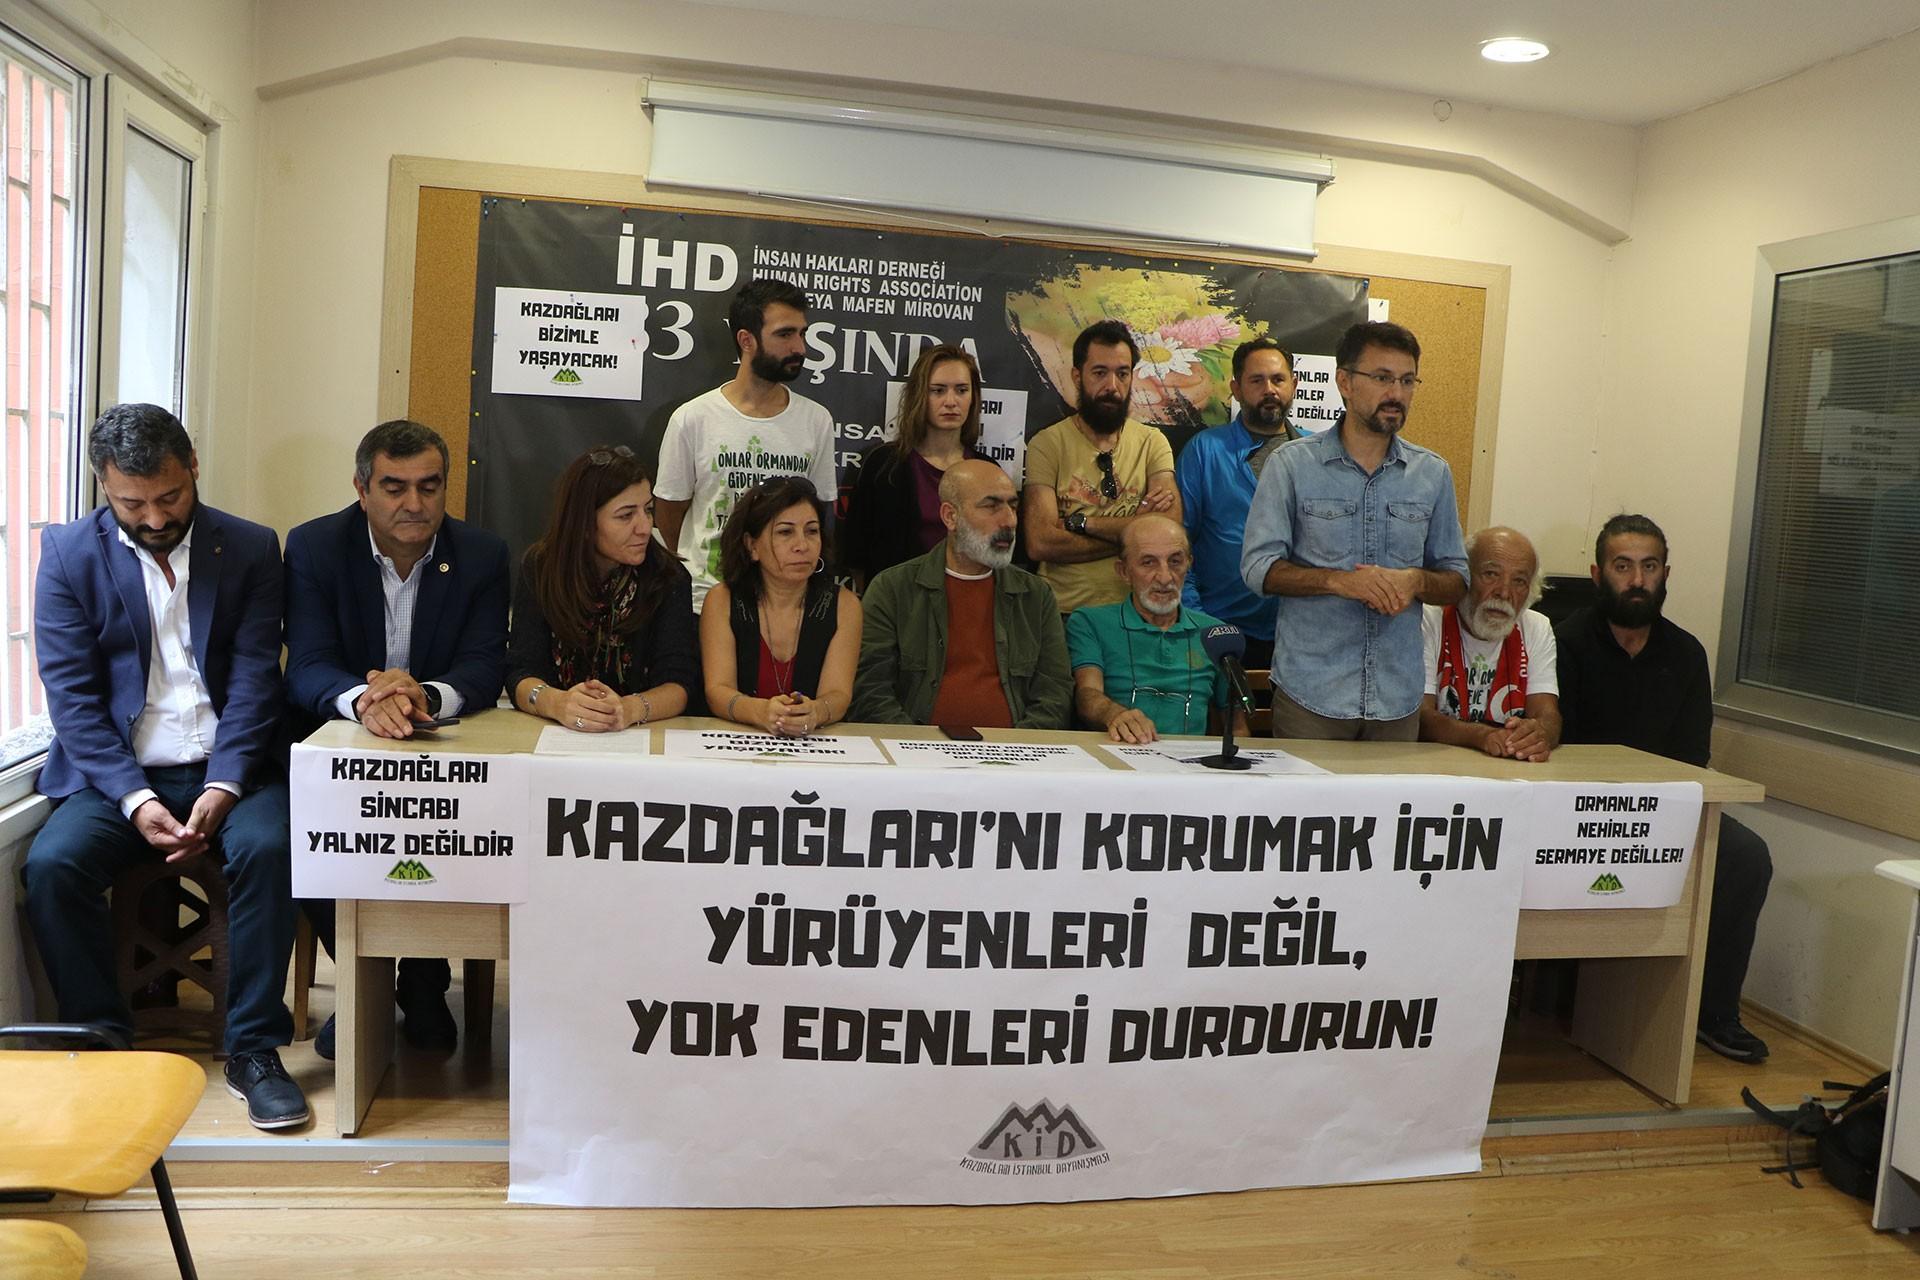 Kaz Dağları için yapılan yürüyüş 10 Ekim'de devam edecek